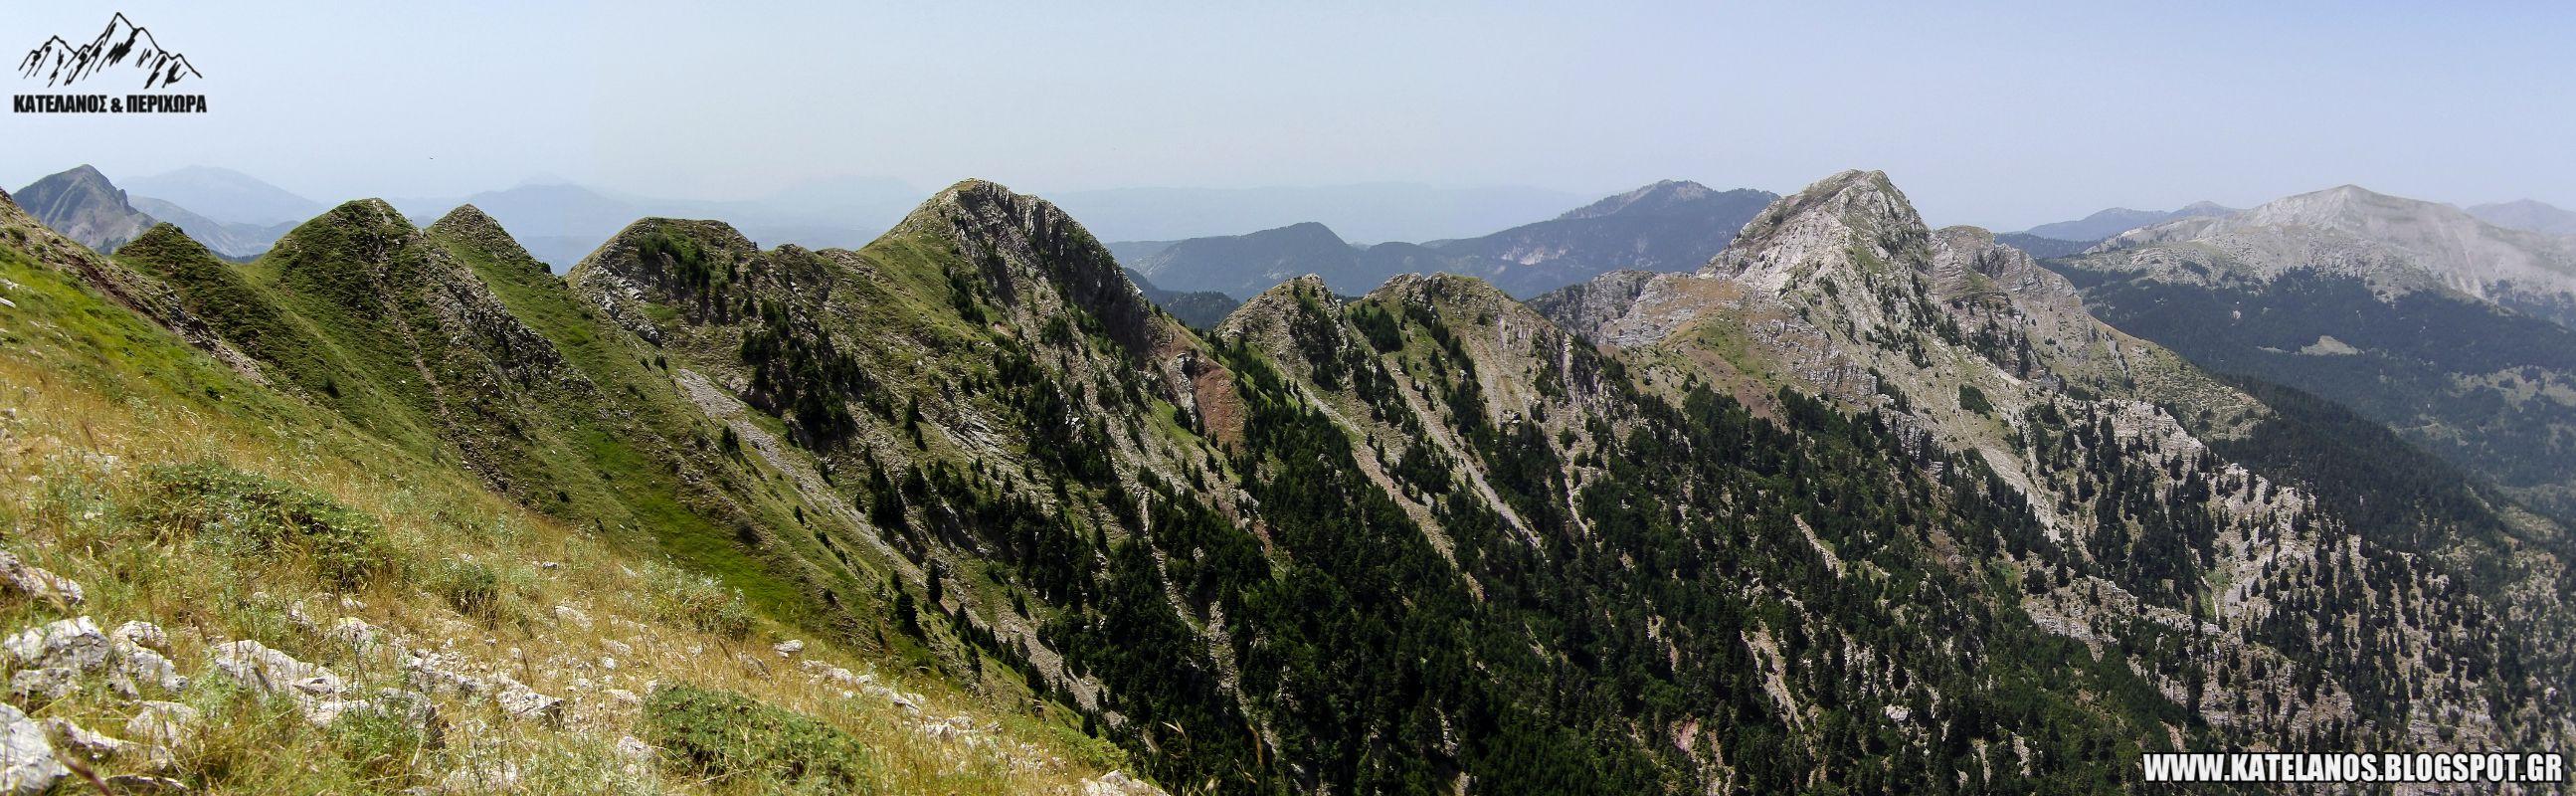 πλατανακι κουρκουρεχι βουνοκορφες παναιτωλικου ορους